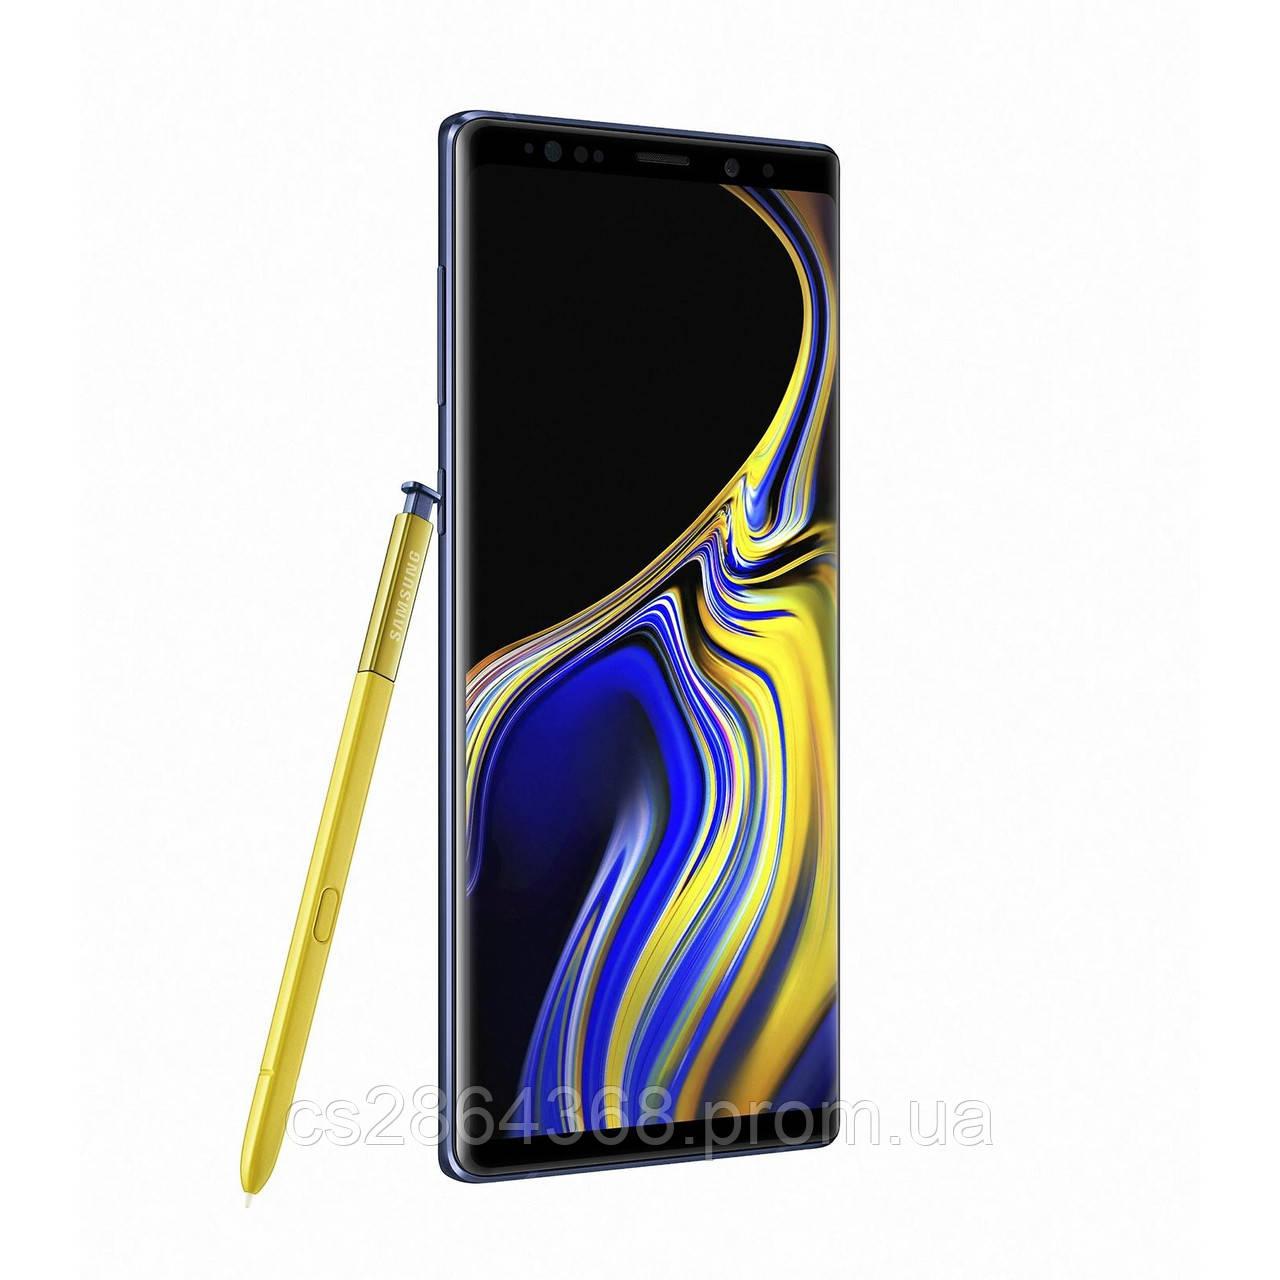 Samsung Galaxy NOTE 9 Ocean Blue 128Gb SM-N960U